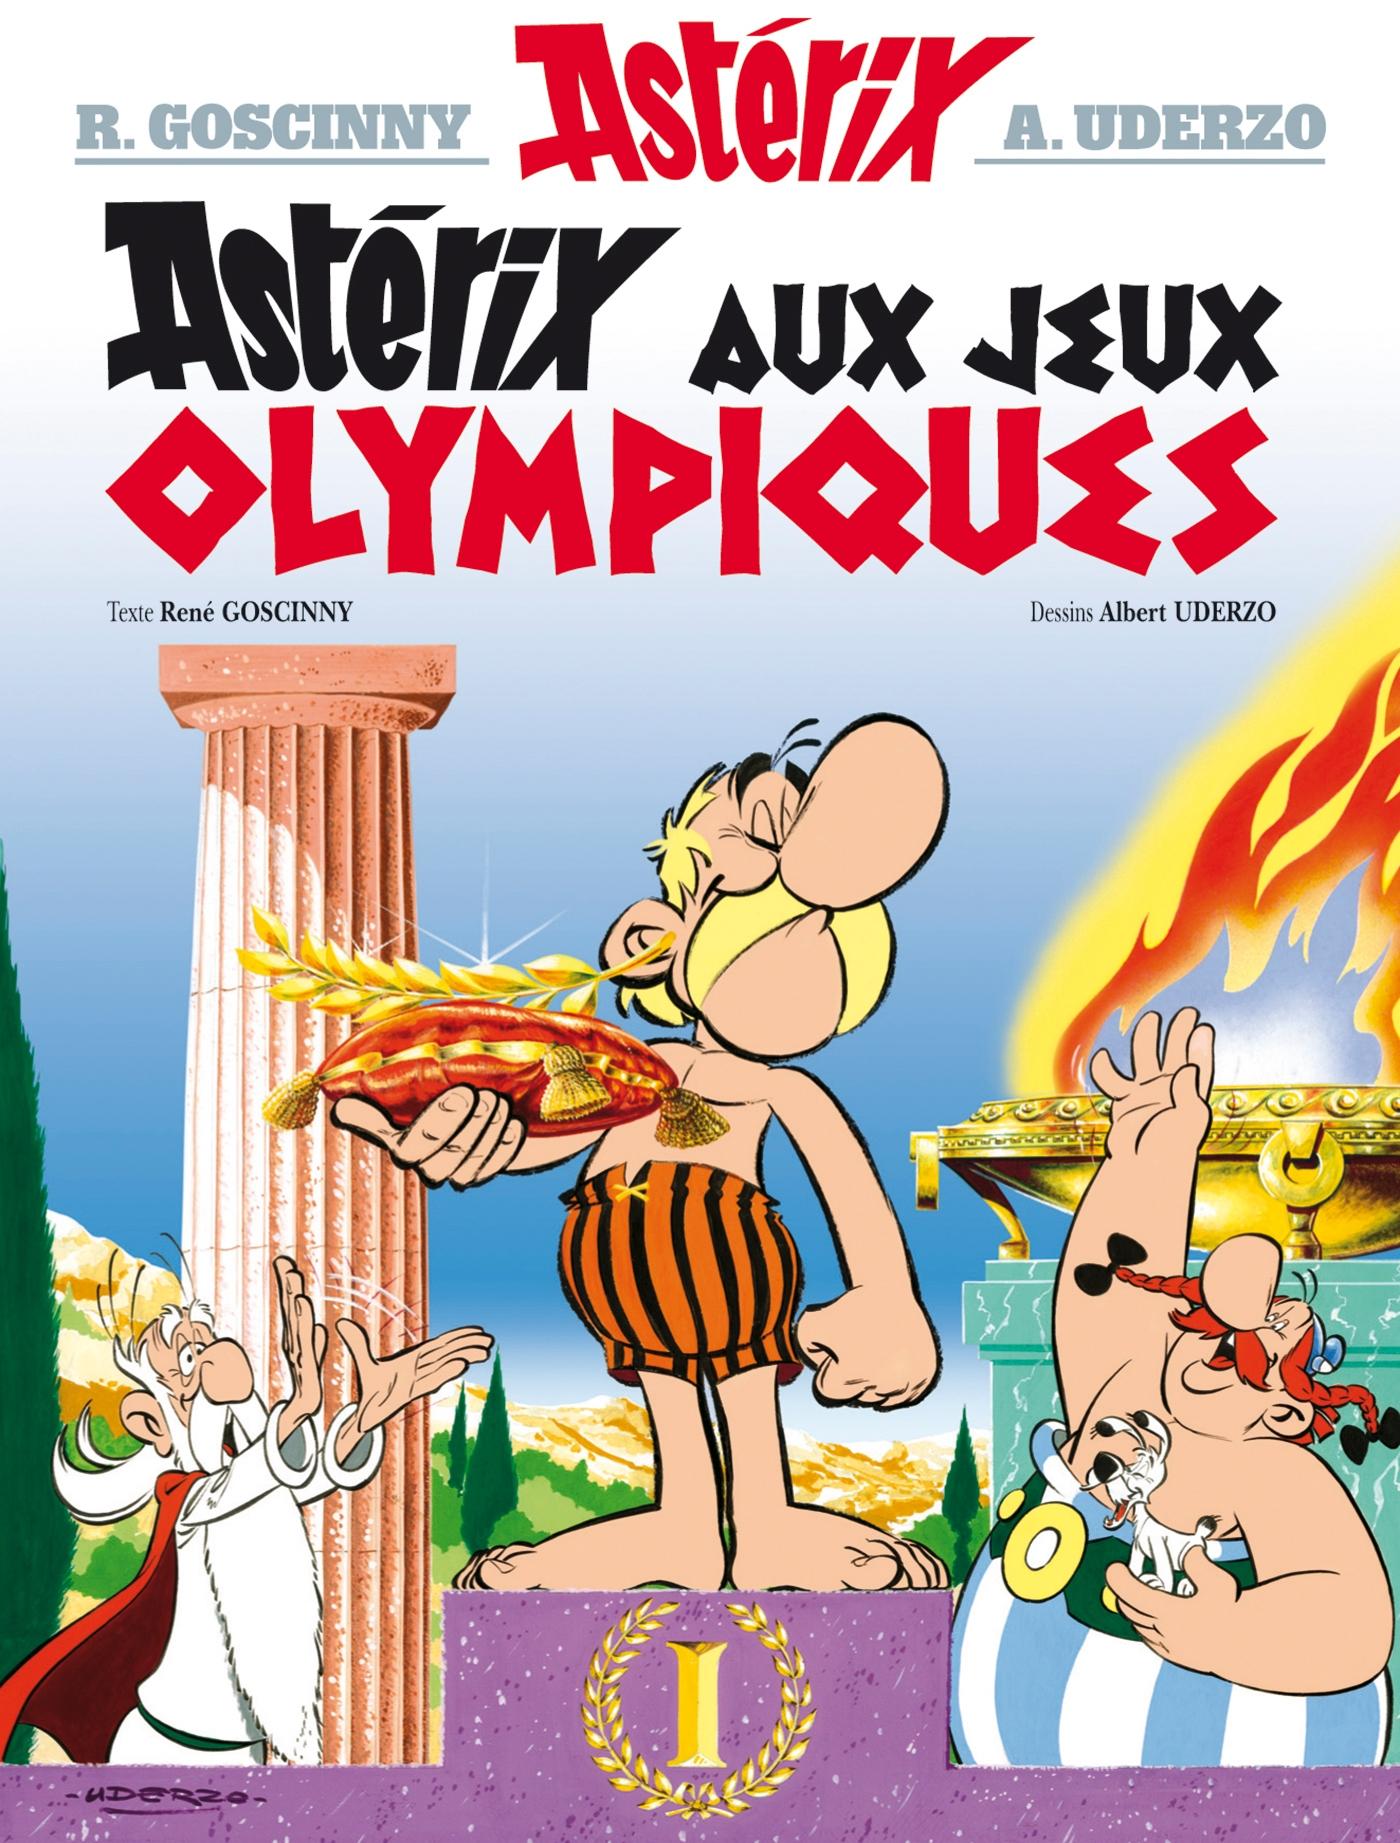 Asterix - T01 à T13 - Version Numerique - CBR